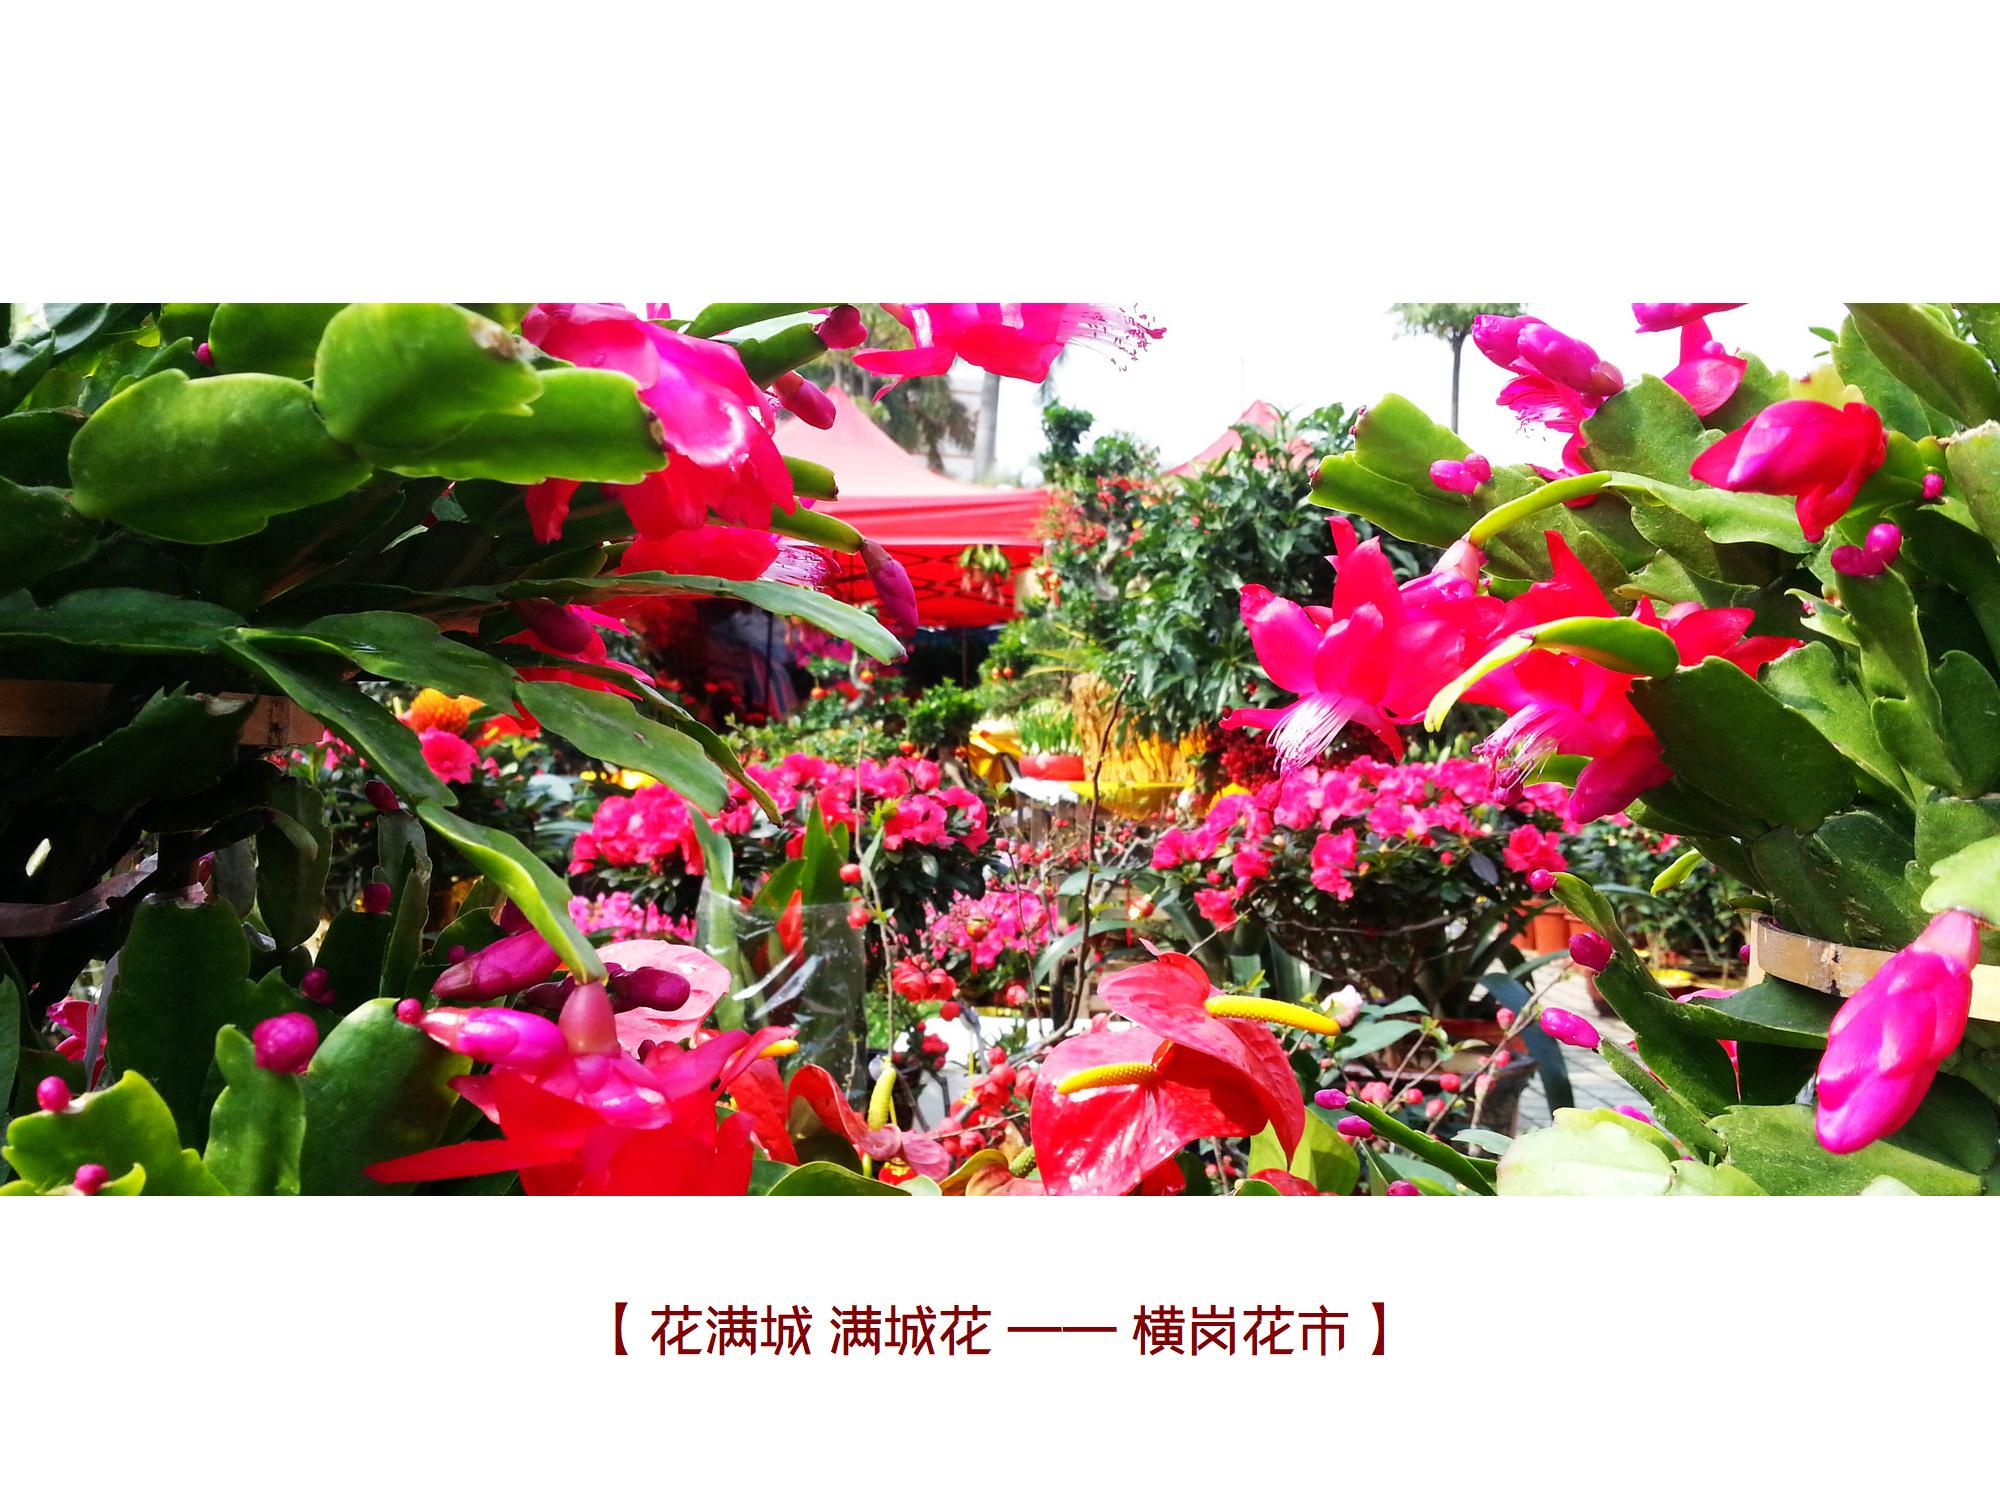 20140128_105108 横岗花市.jpg